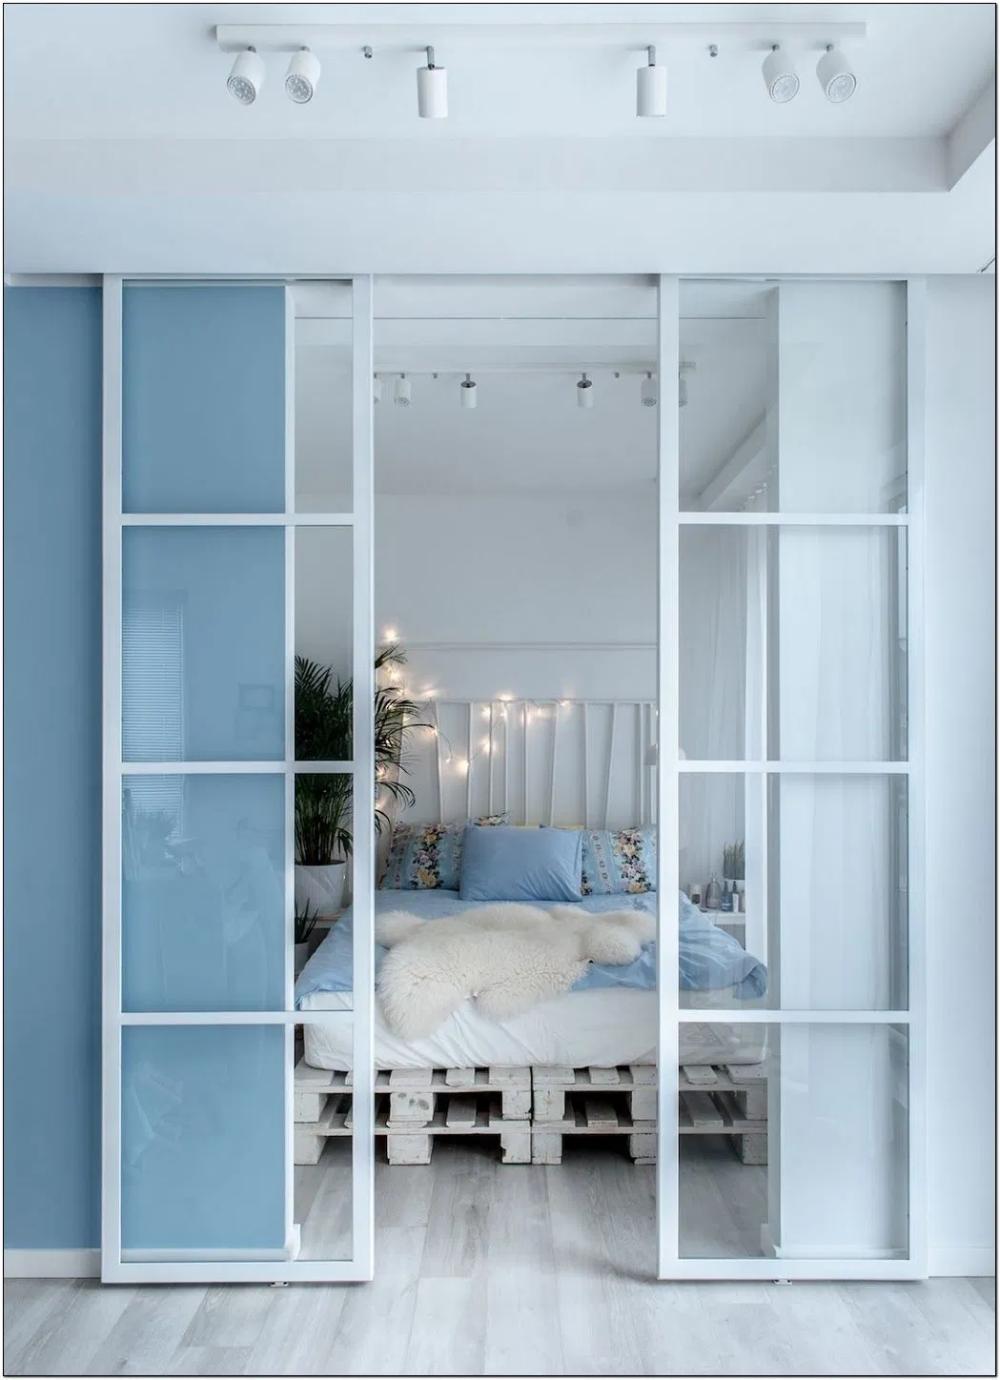 20 Glass Door Design Inspiration For Your Dream House 4 Wohnung Innenglasturen Schlafzimmer Einrichten